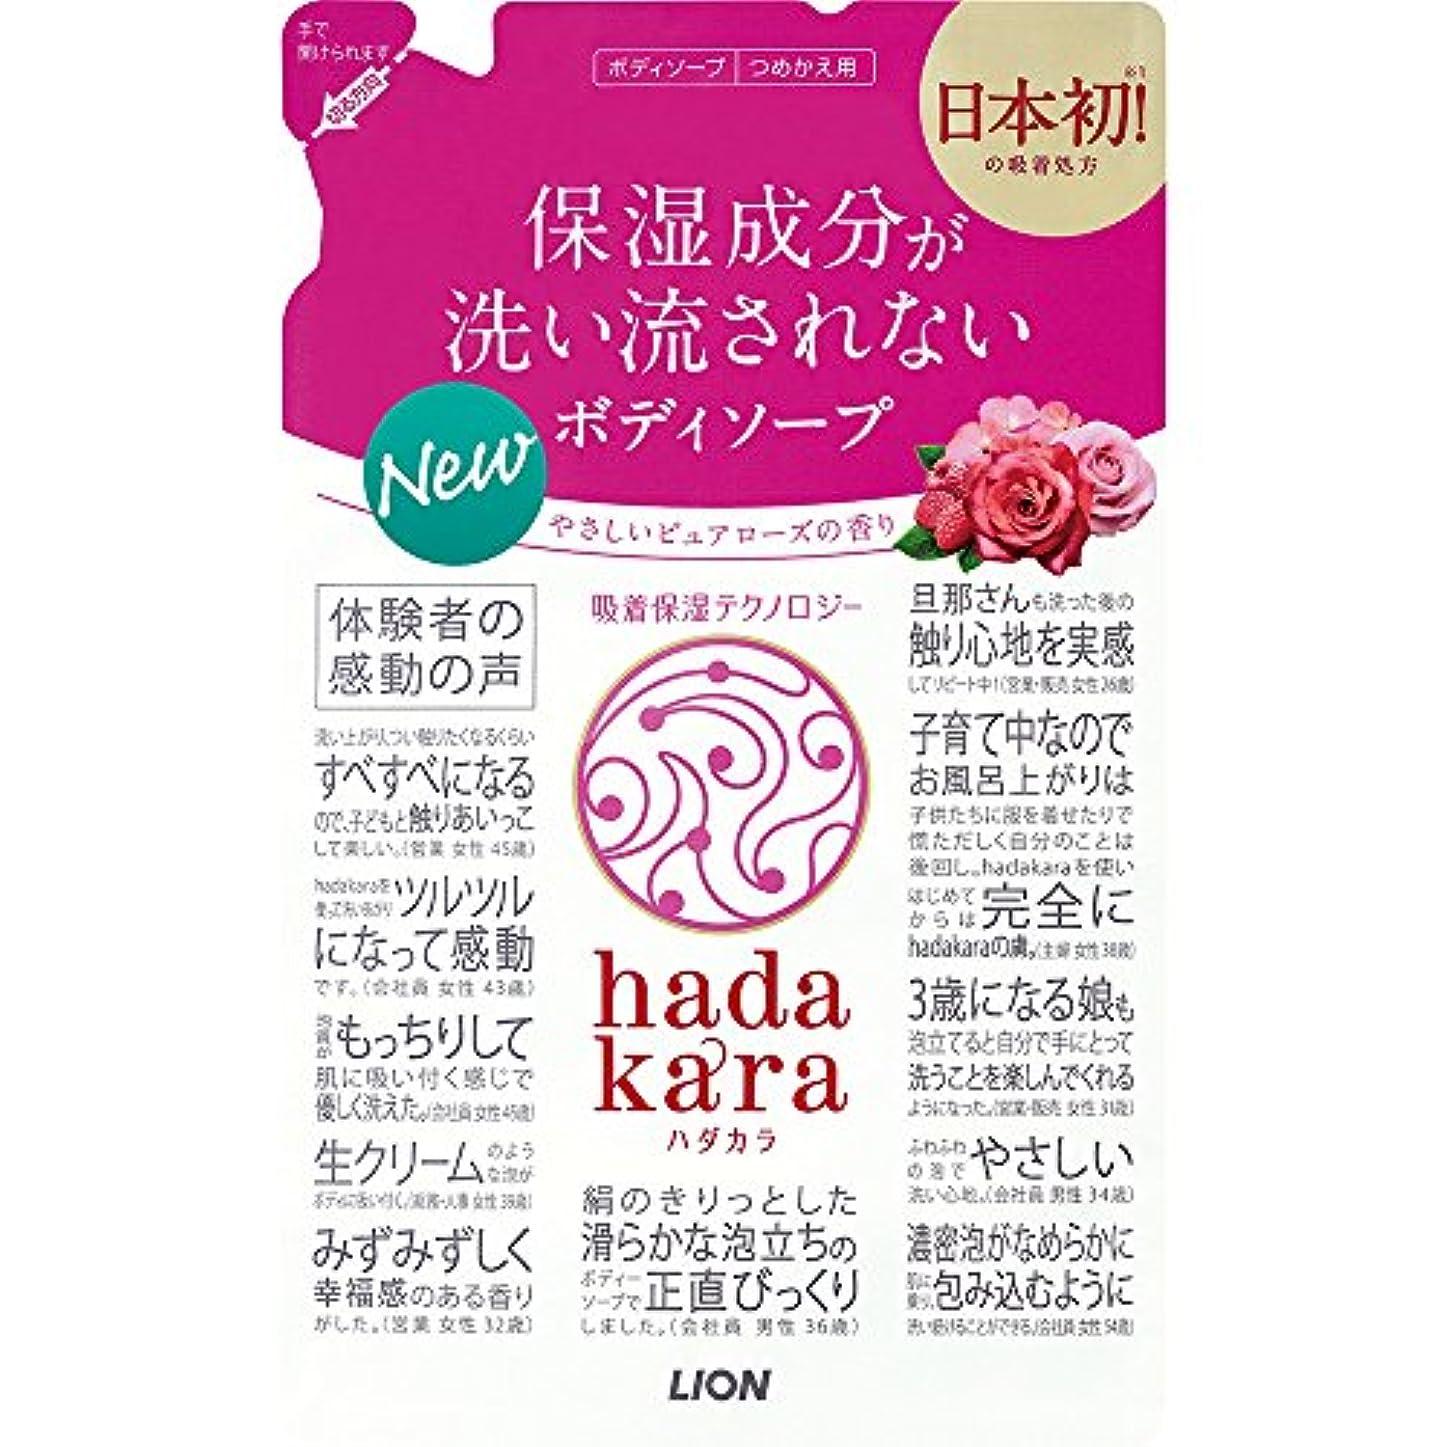 磨かれた悪質な空港hadakara(ハダカラ) ボディソープ ピュアローズの香り 詰め替え 360ml